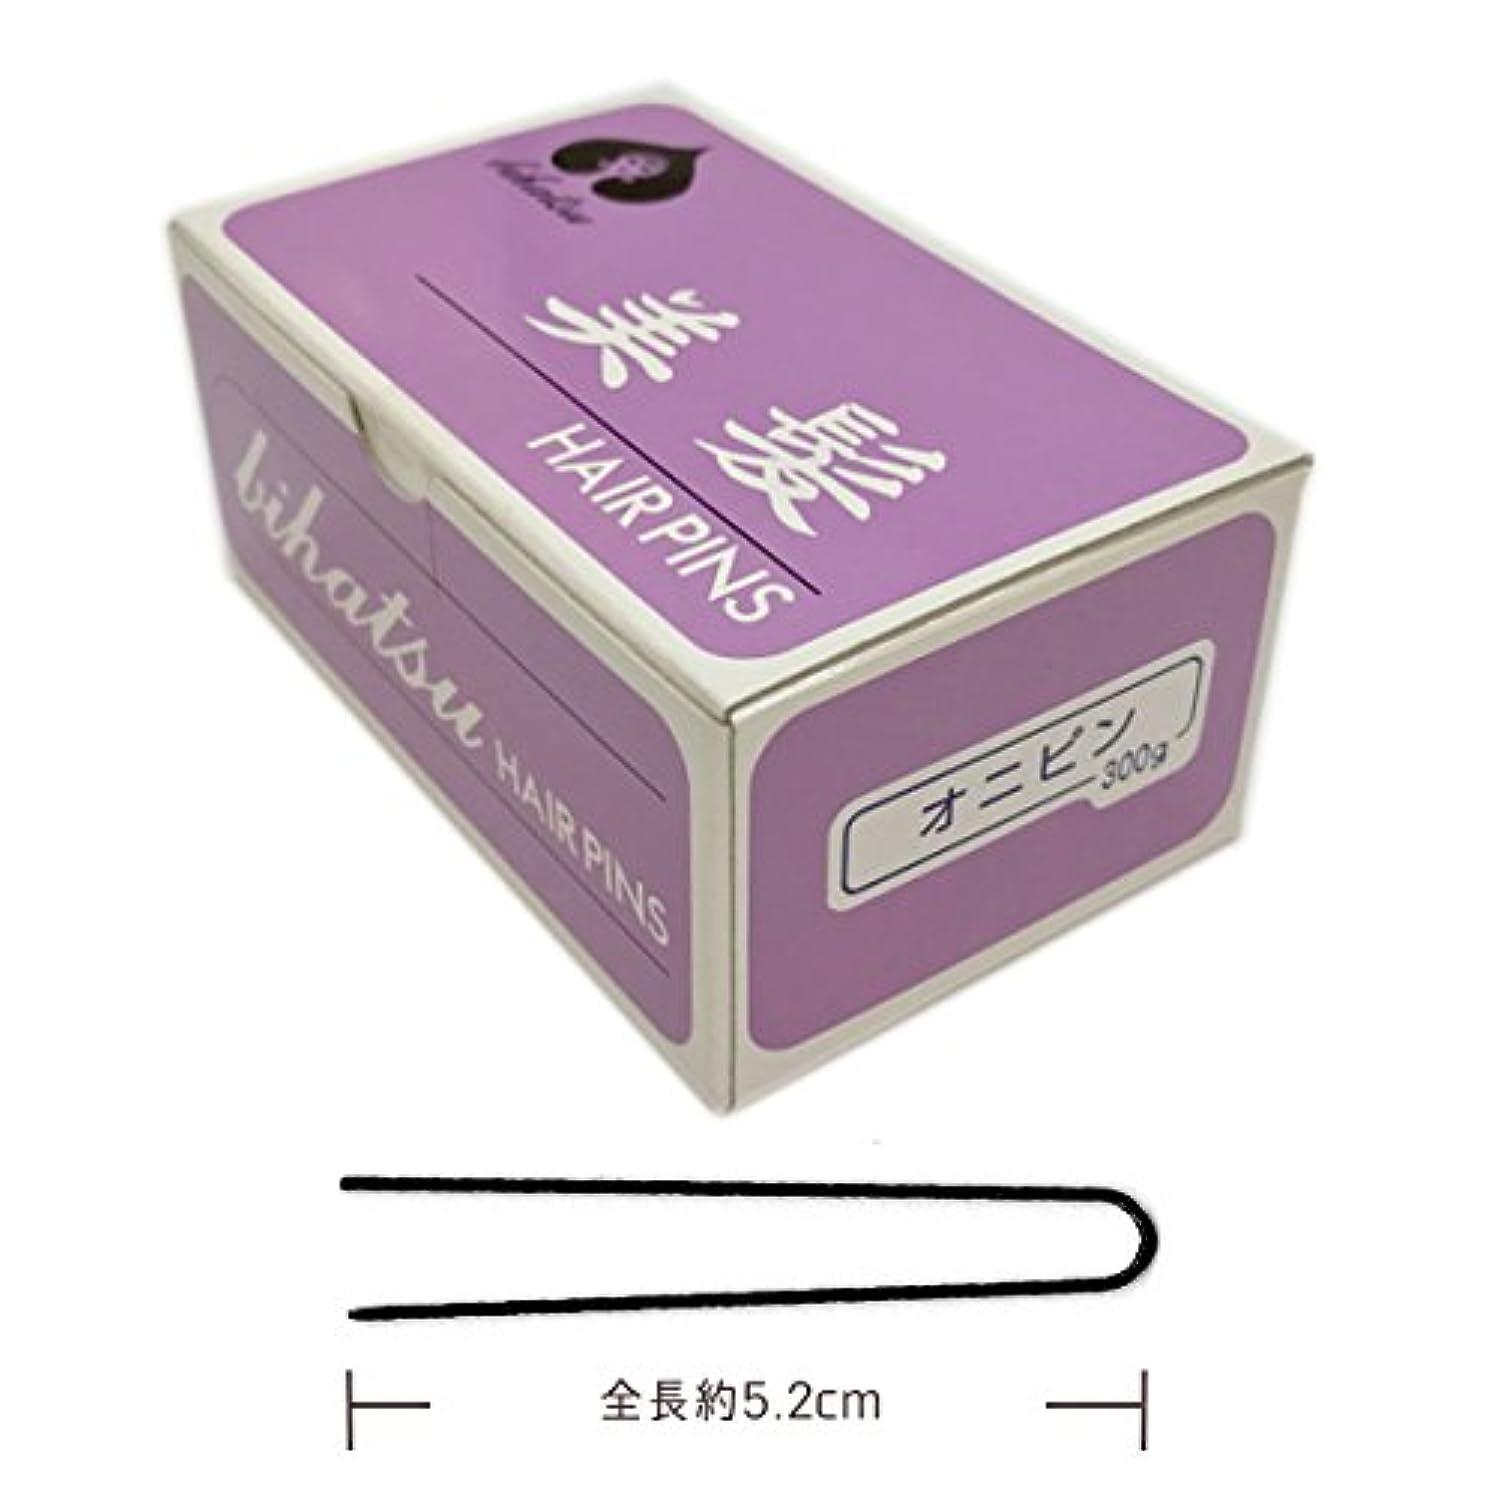 今日雑多な鉛ヒラヤマ ビハツ オニピン (美髪) 300g約560本入